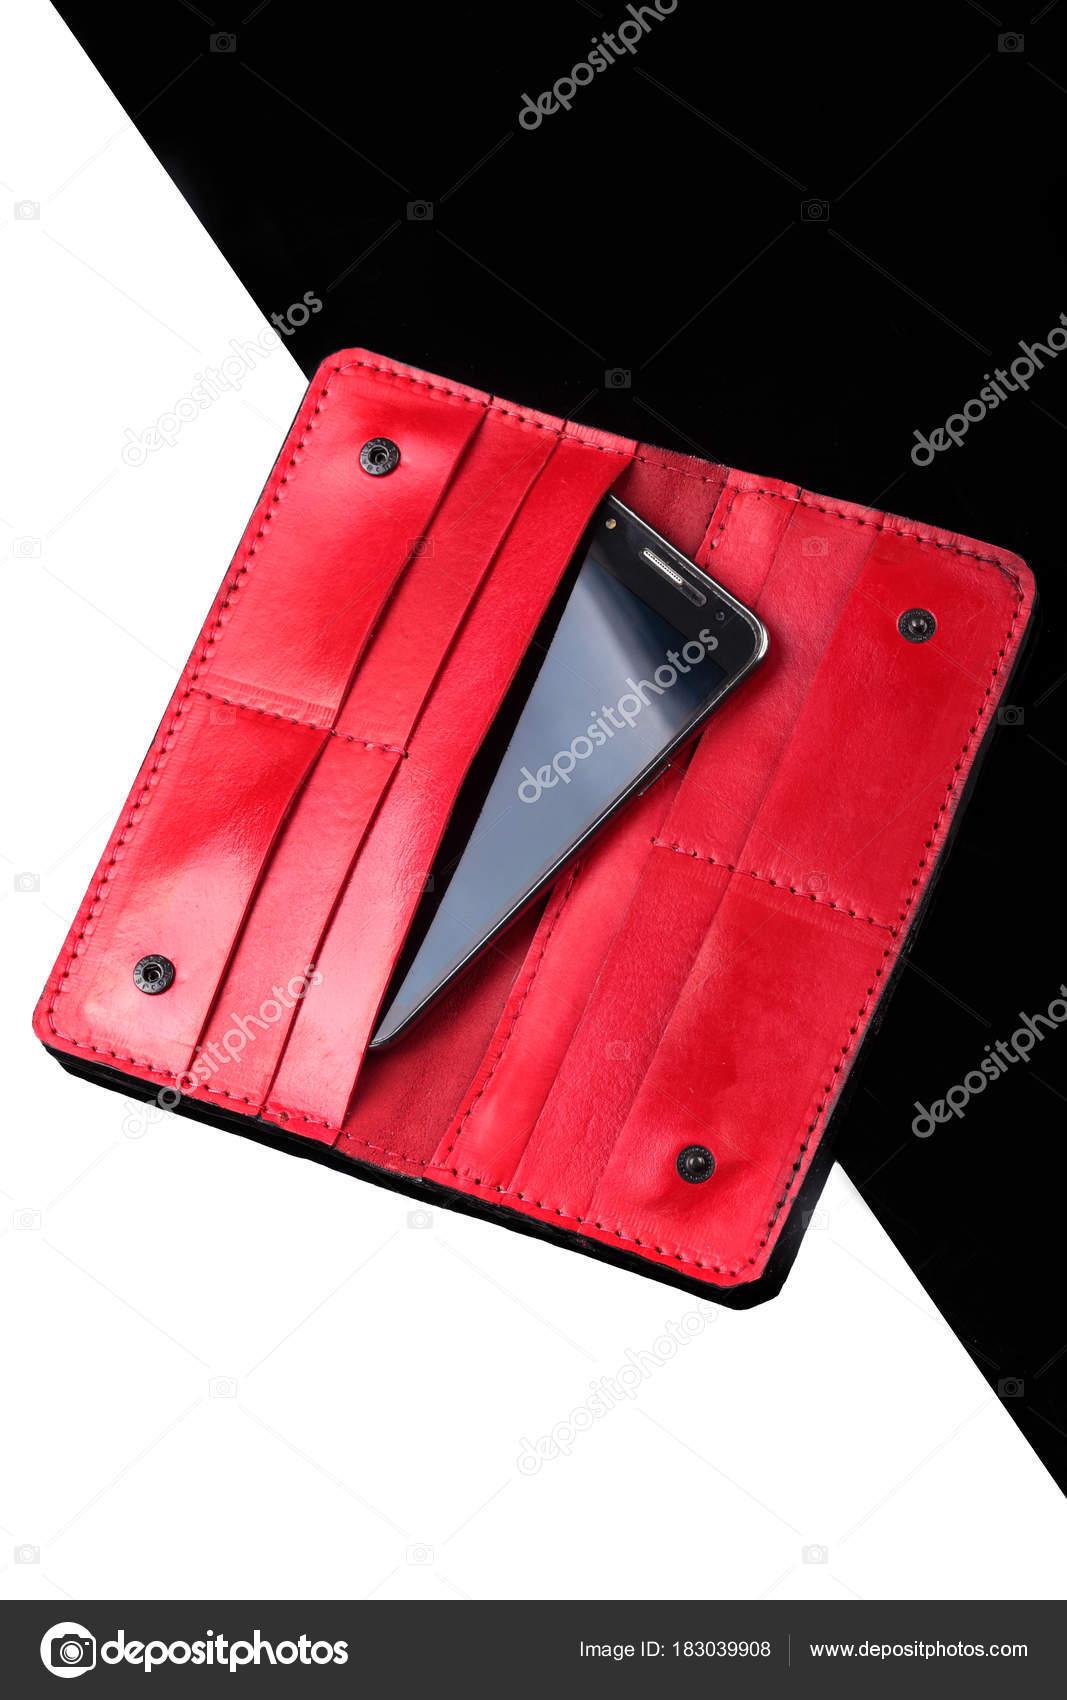 ac8e6064fe69 Открыт длинный кошелек черный крокодиловой кожи и покраснение кожи с  smarthphone внутри. Роскошные бумажник. Черный и белый фон– Стоковое  изображение